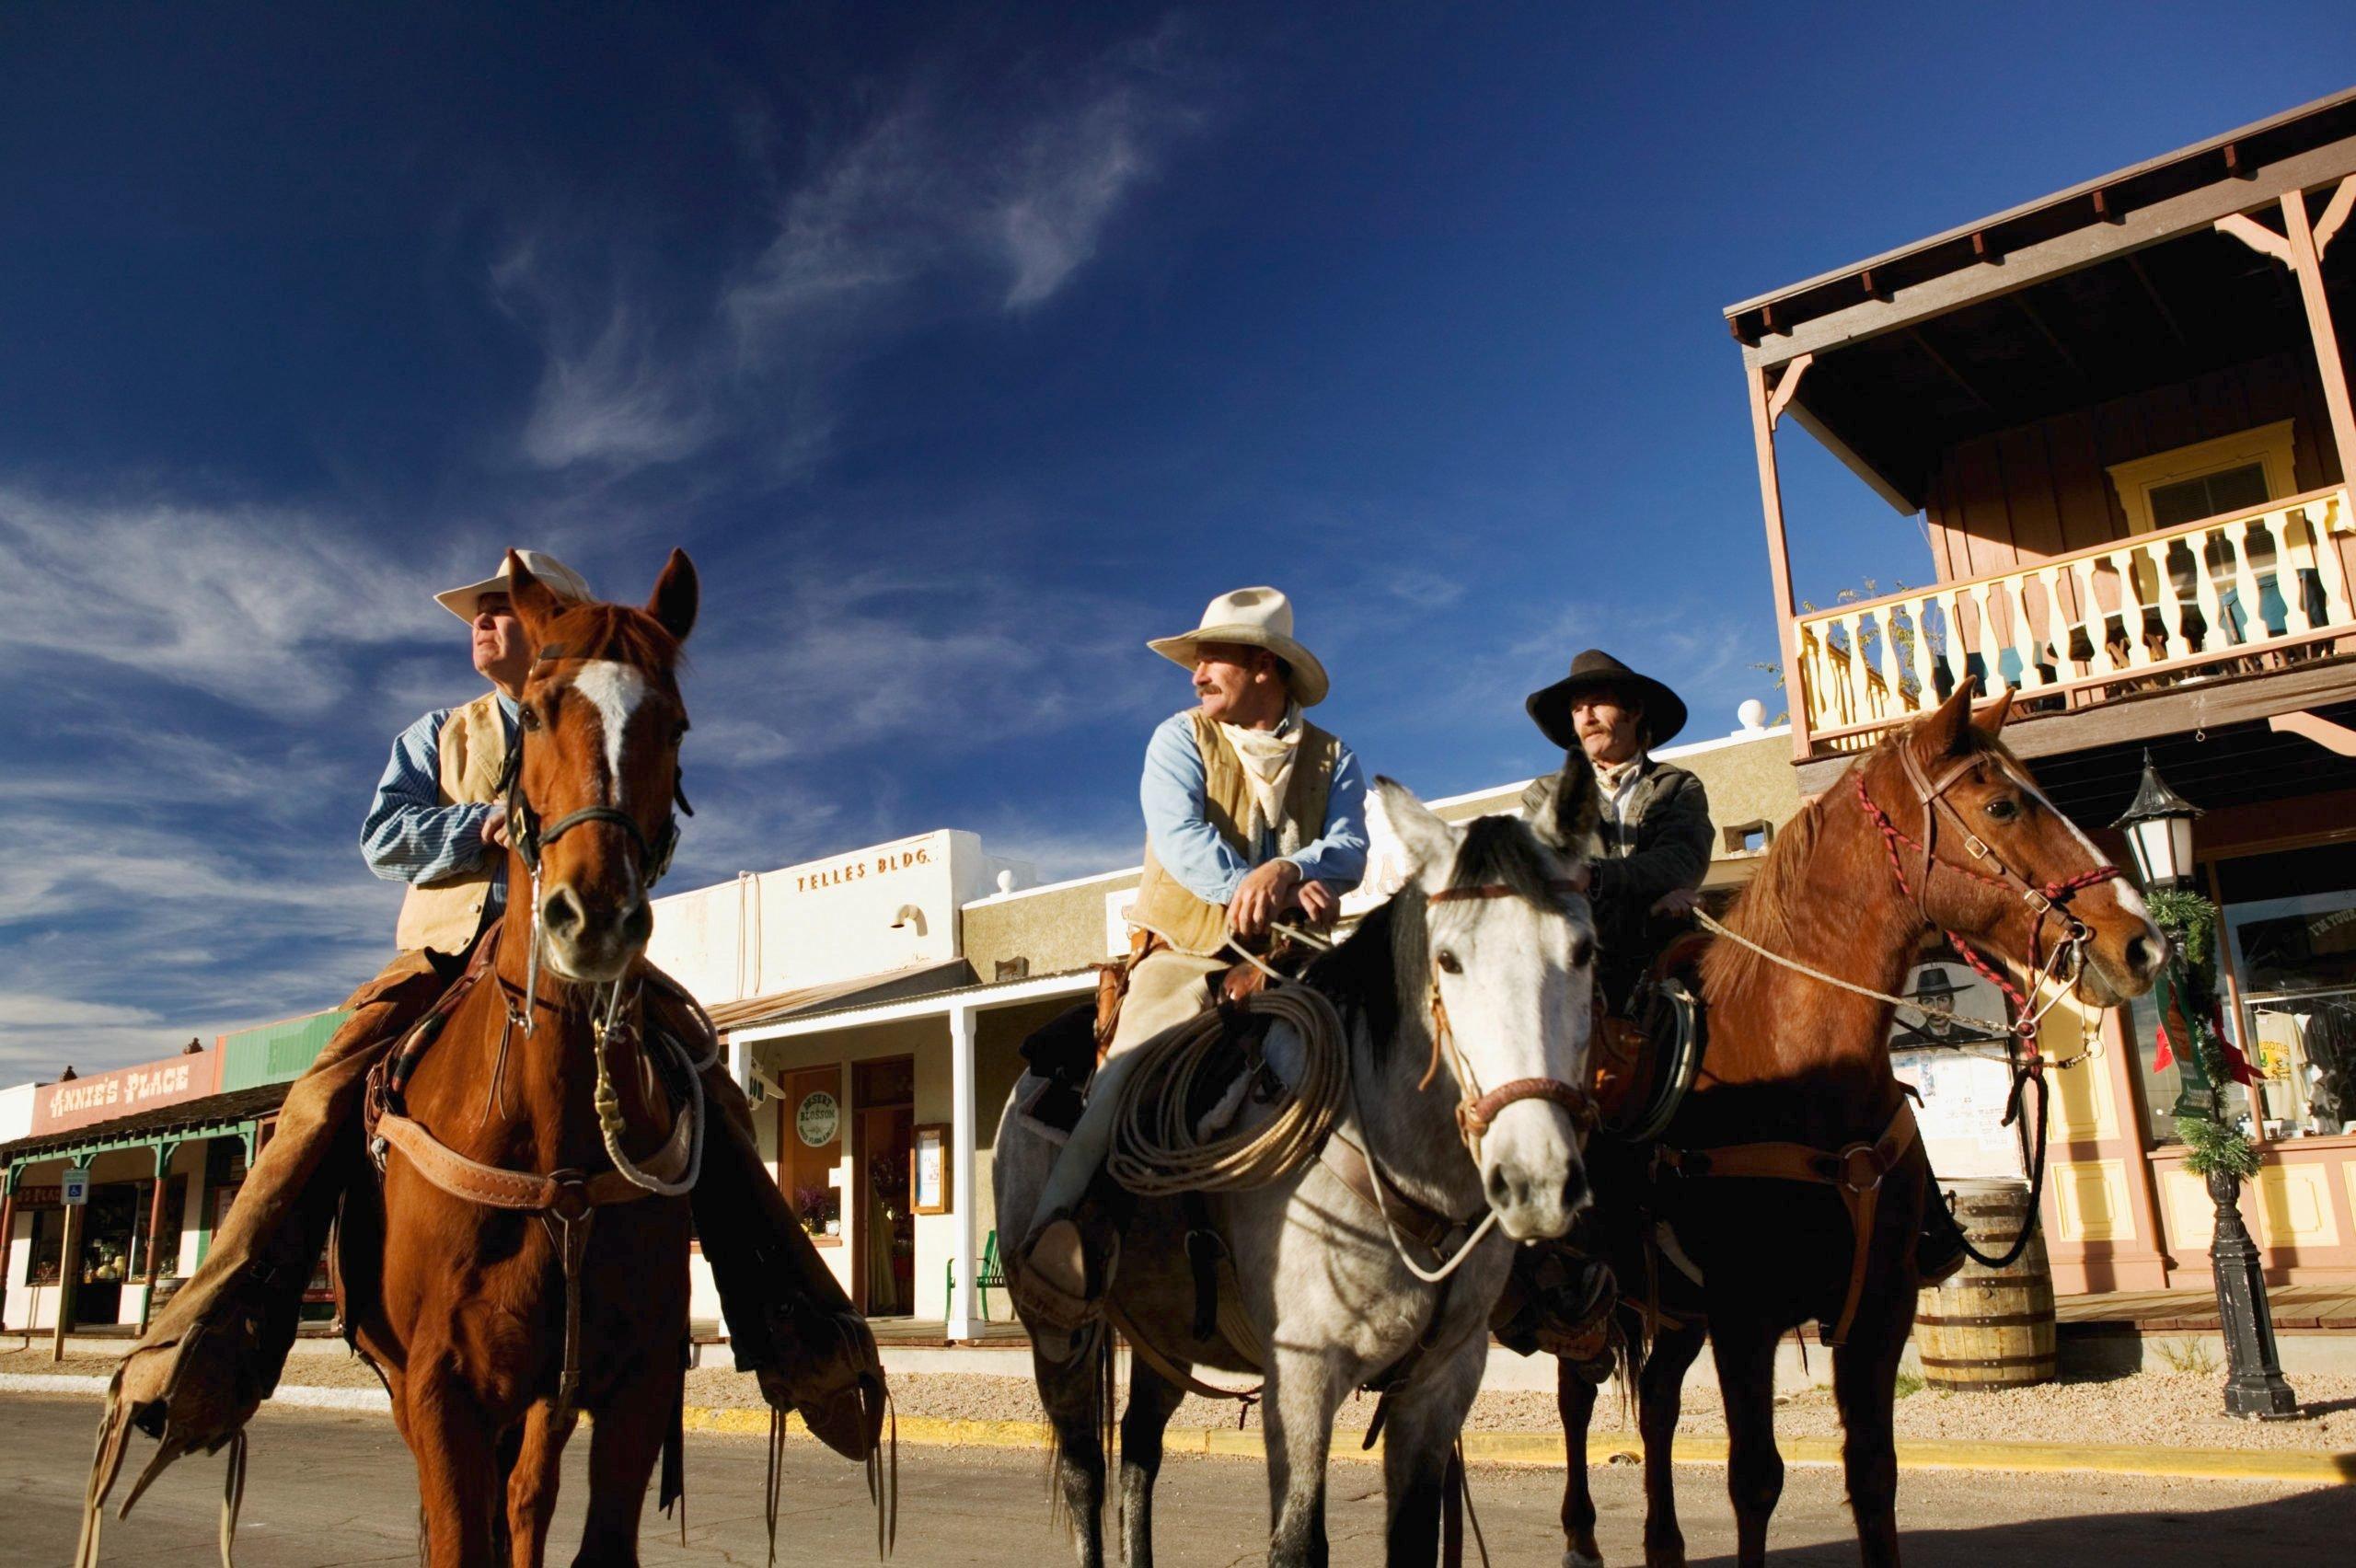 USA, Arizona, Tombstone, three cowboys on horseback